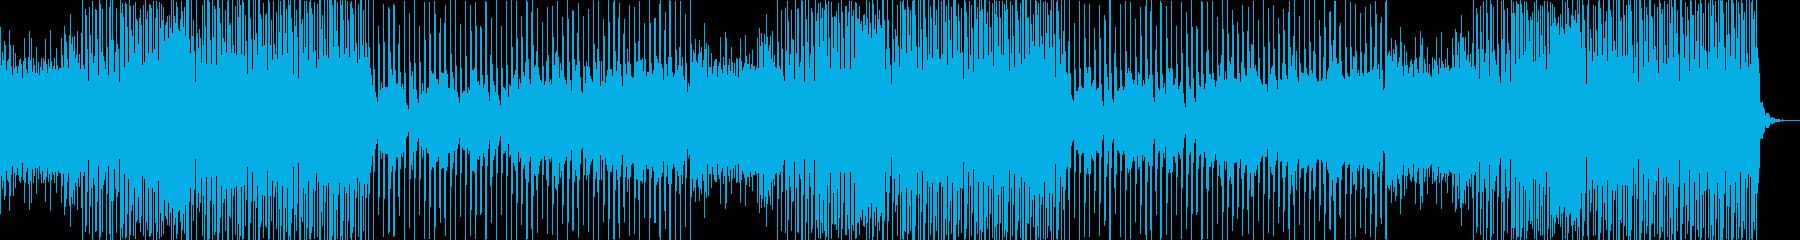 爽やかスポーツEDM・明るい楽しい疾走感の再生済みの波形